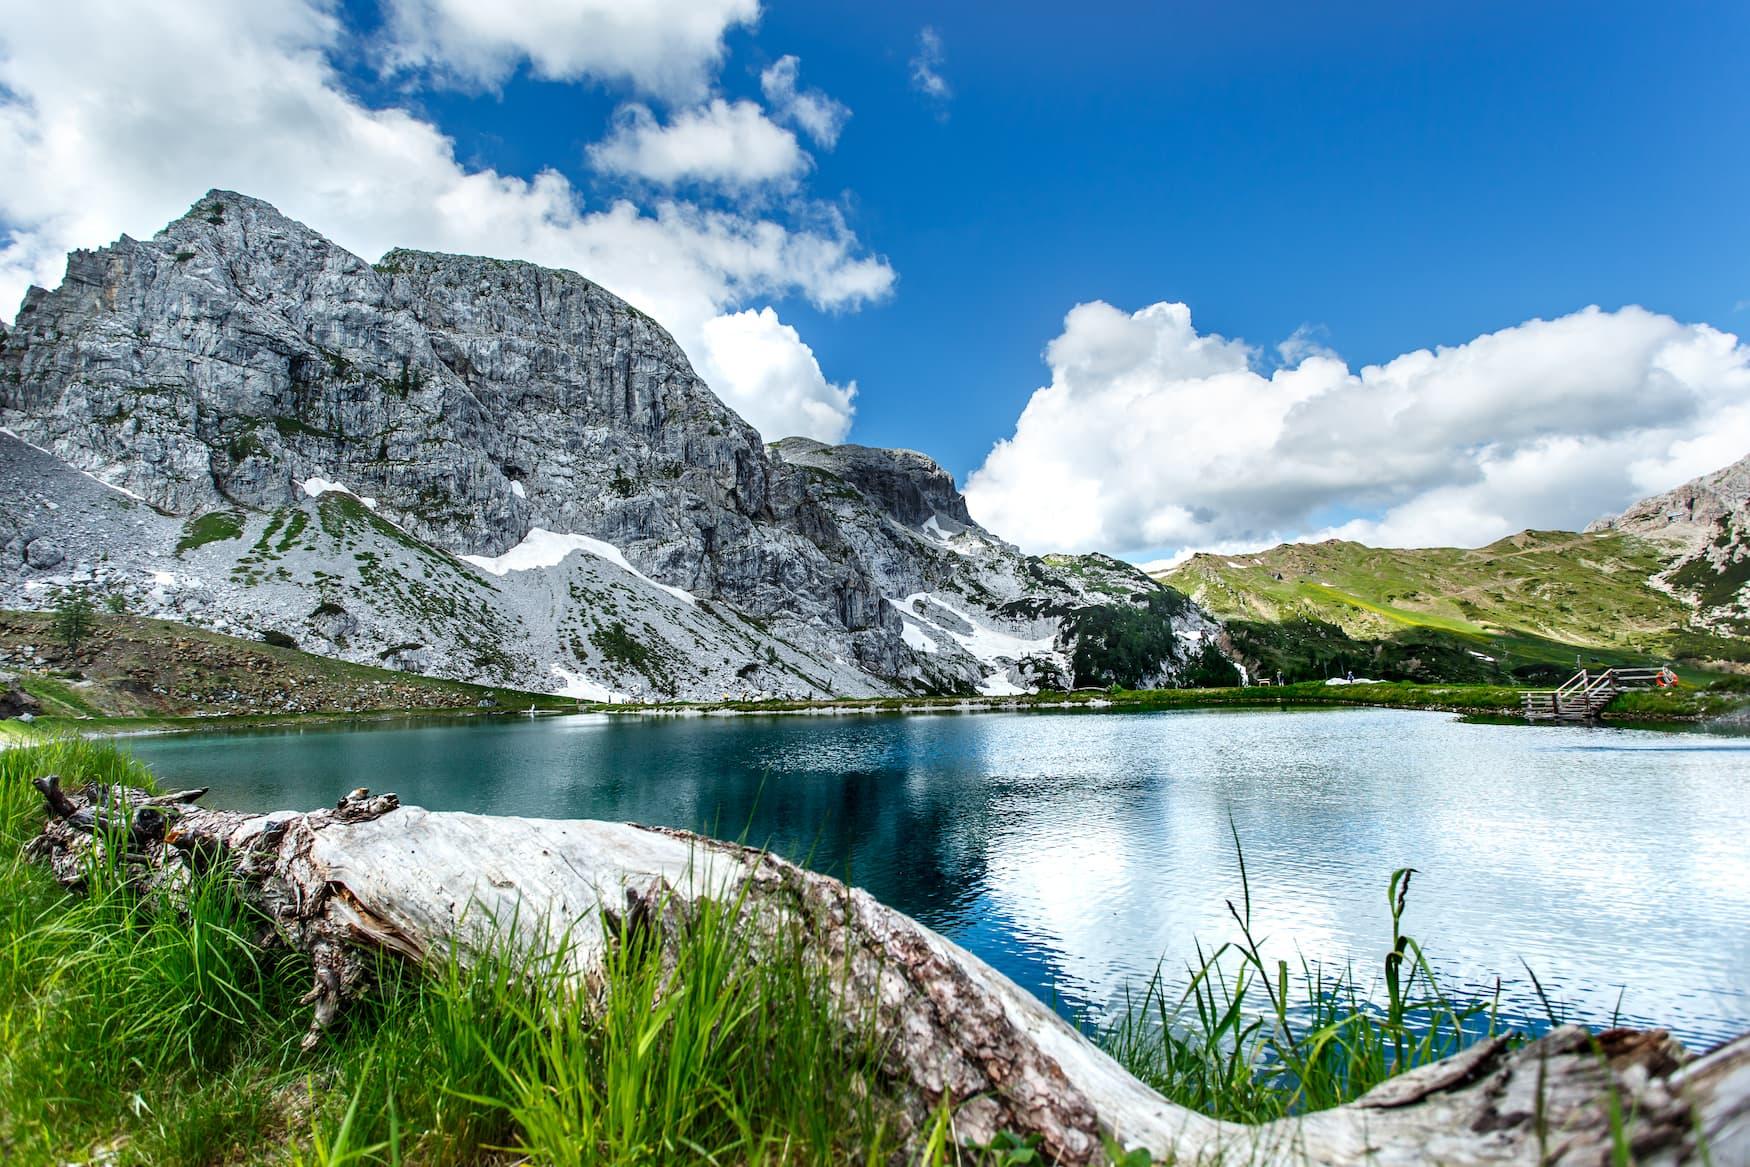 Bergpanorama am See in Hermagor, Kärnten